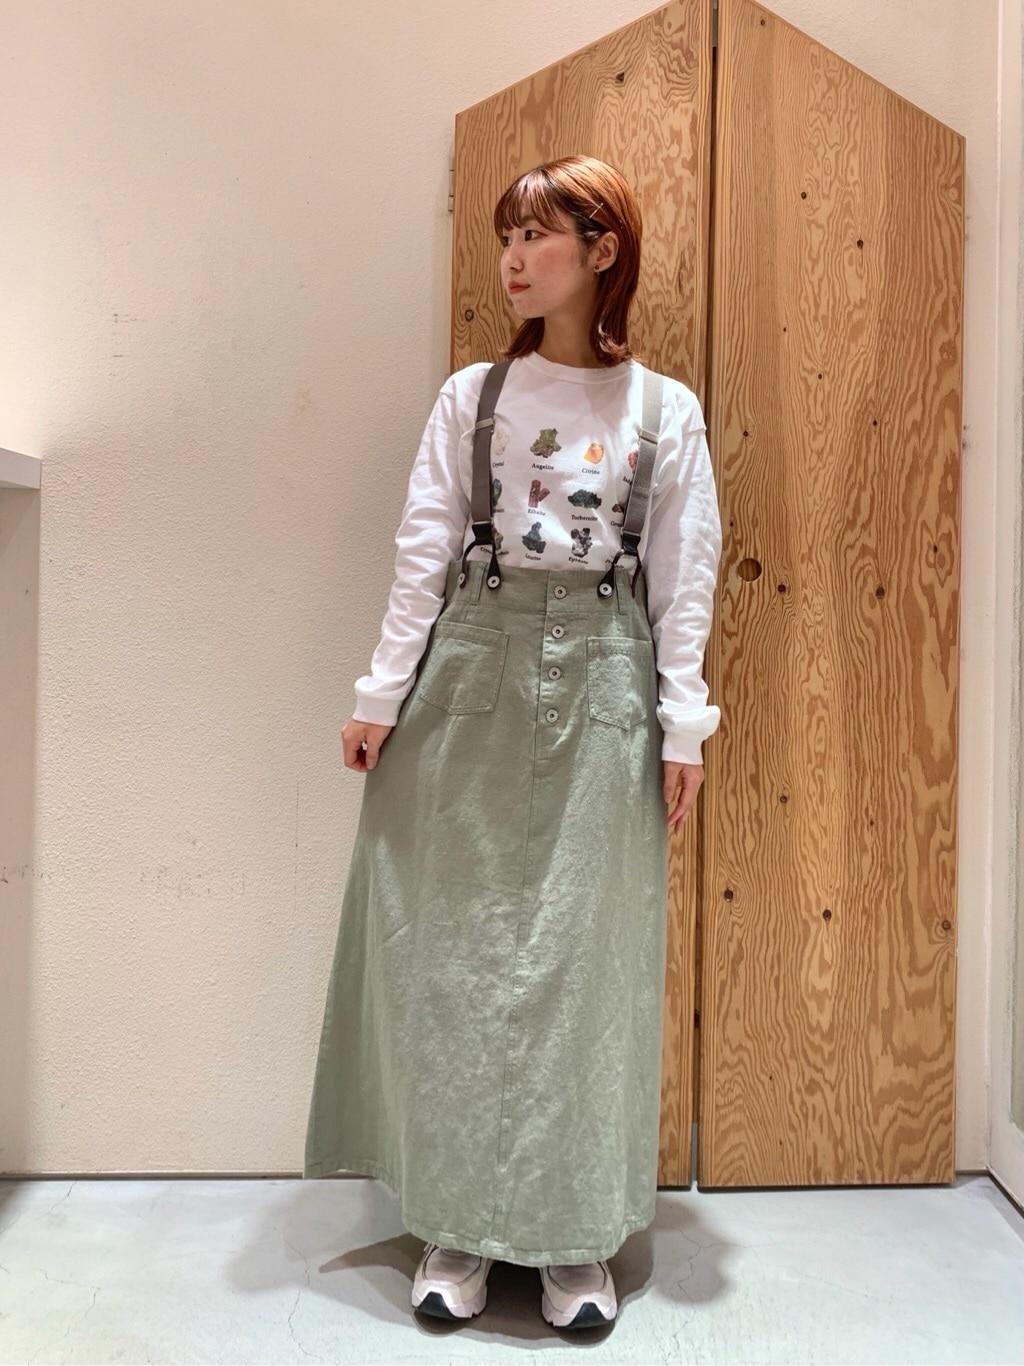 l'atelier du savon グランフロント大阪 身長:157cm 2021.02.05